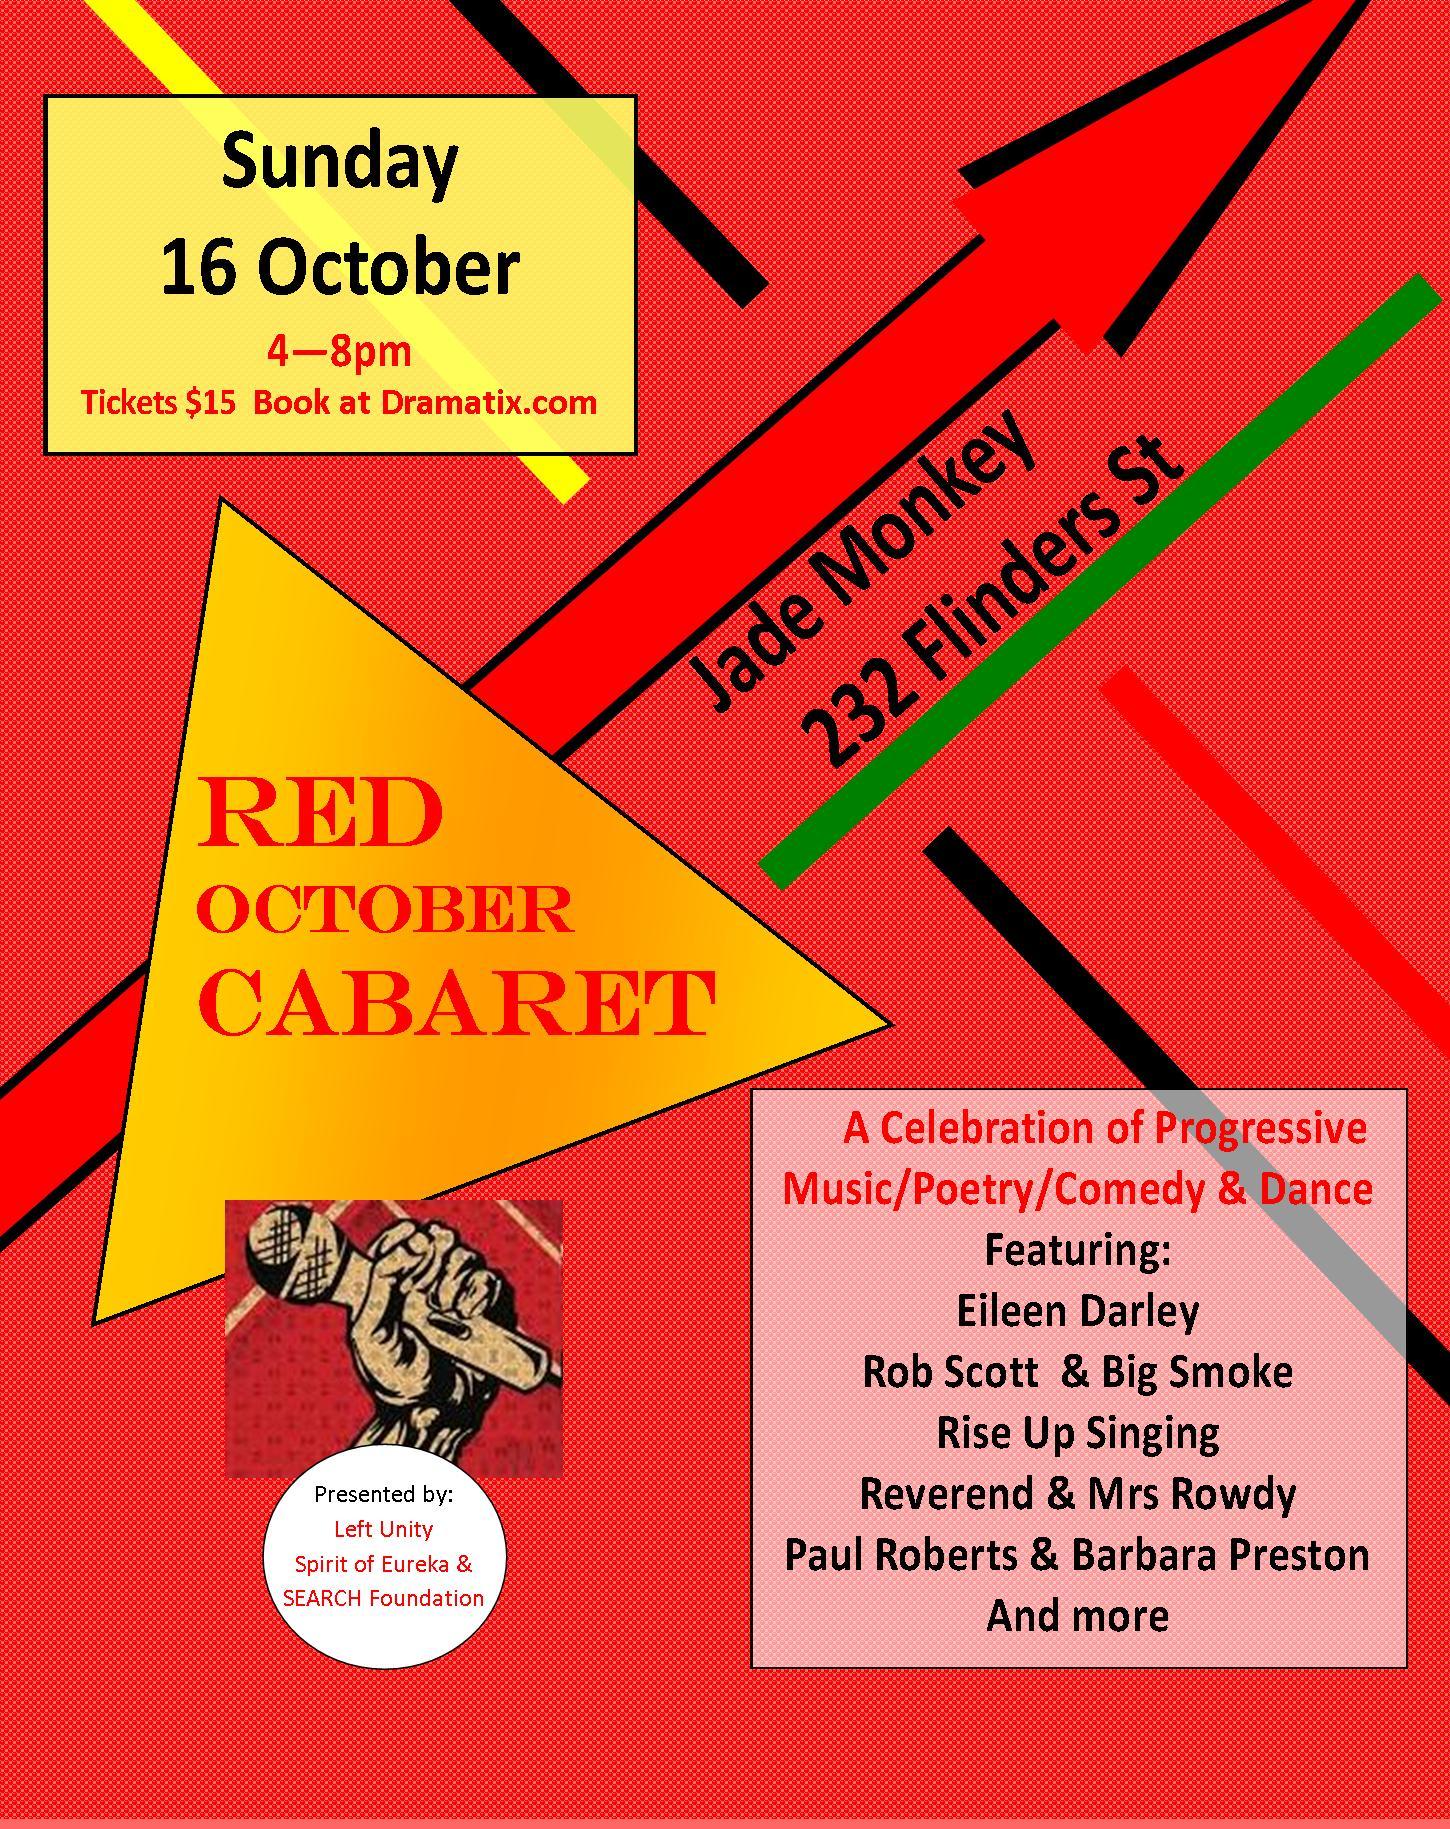 Red October Cabaret